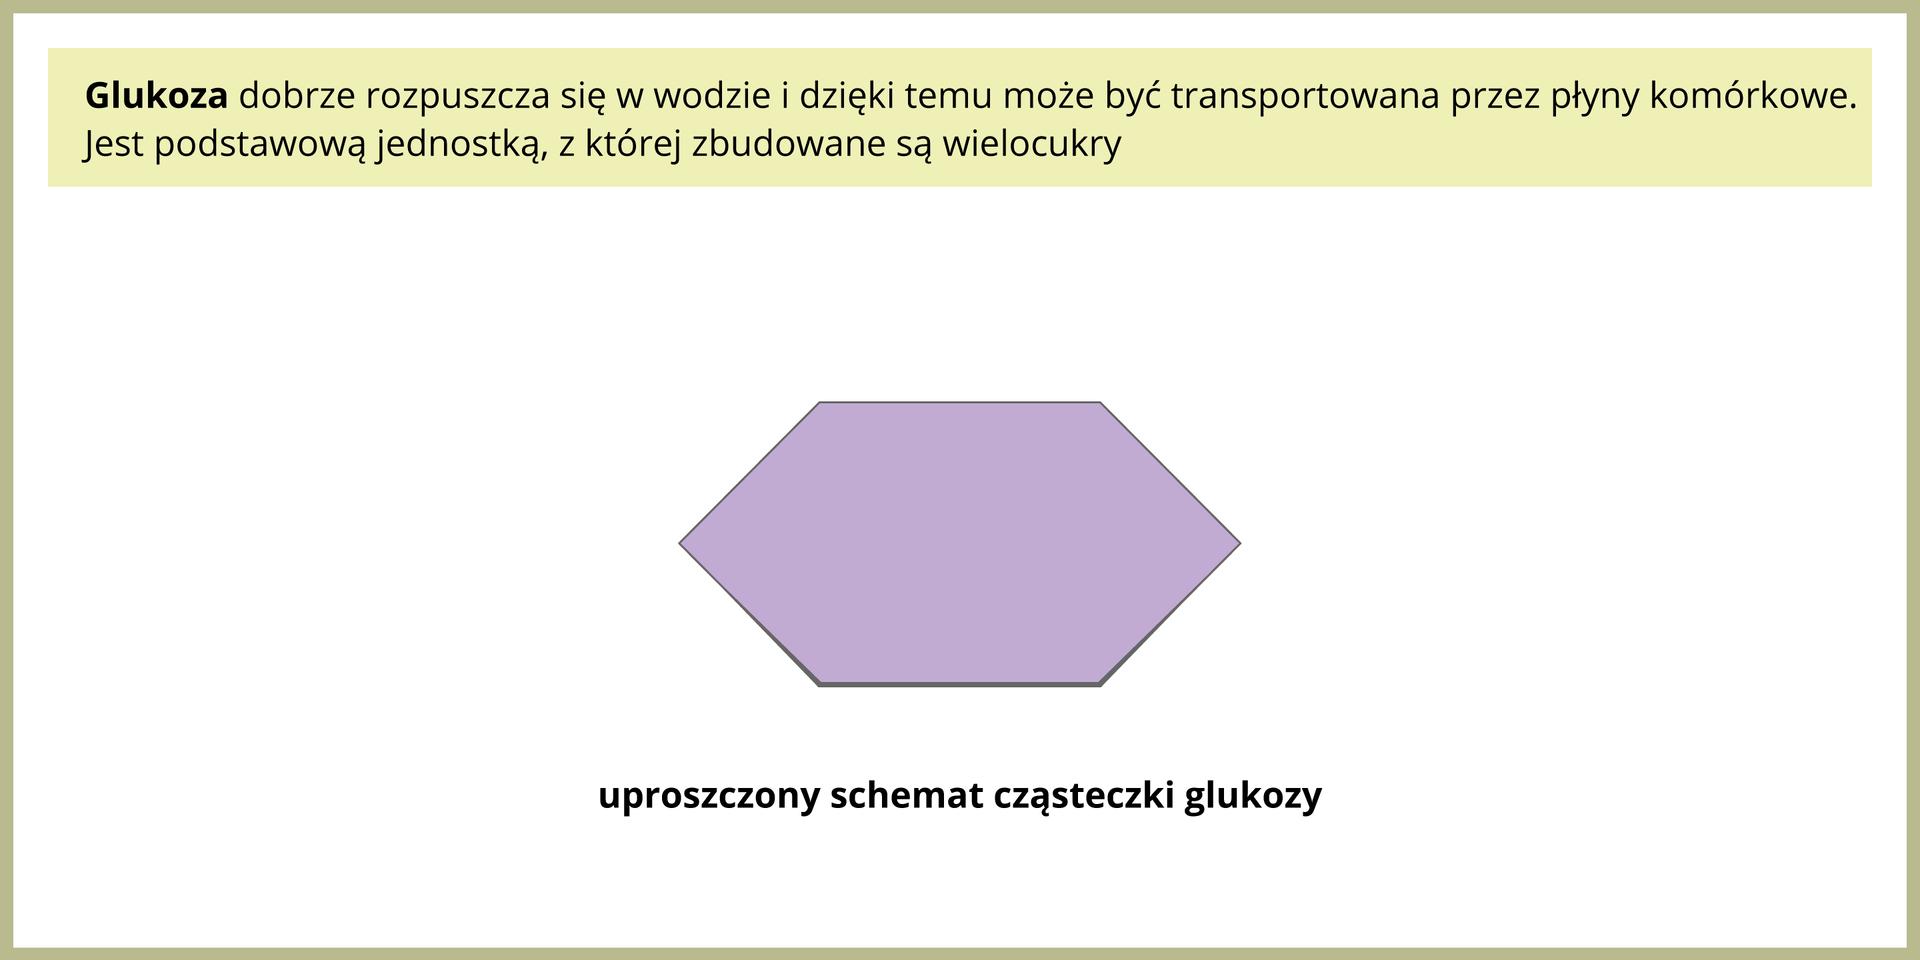 Ilustracja przedstawia fioletowy sześciokąt. Jest to schemat cząsteczki glukozy.